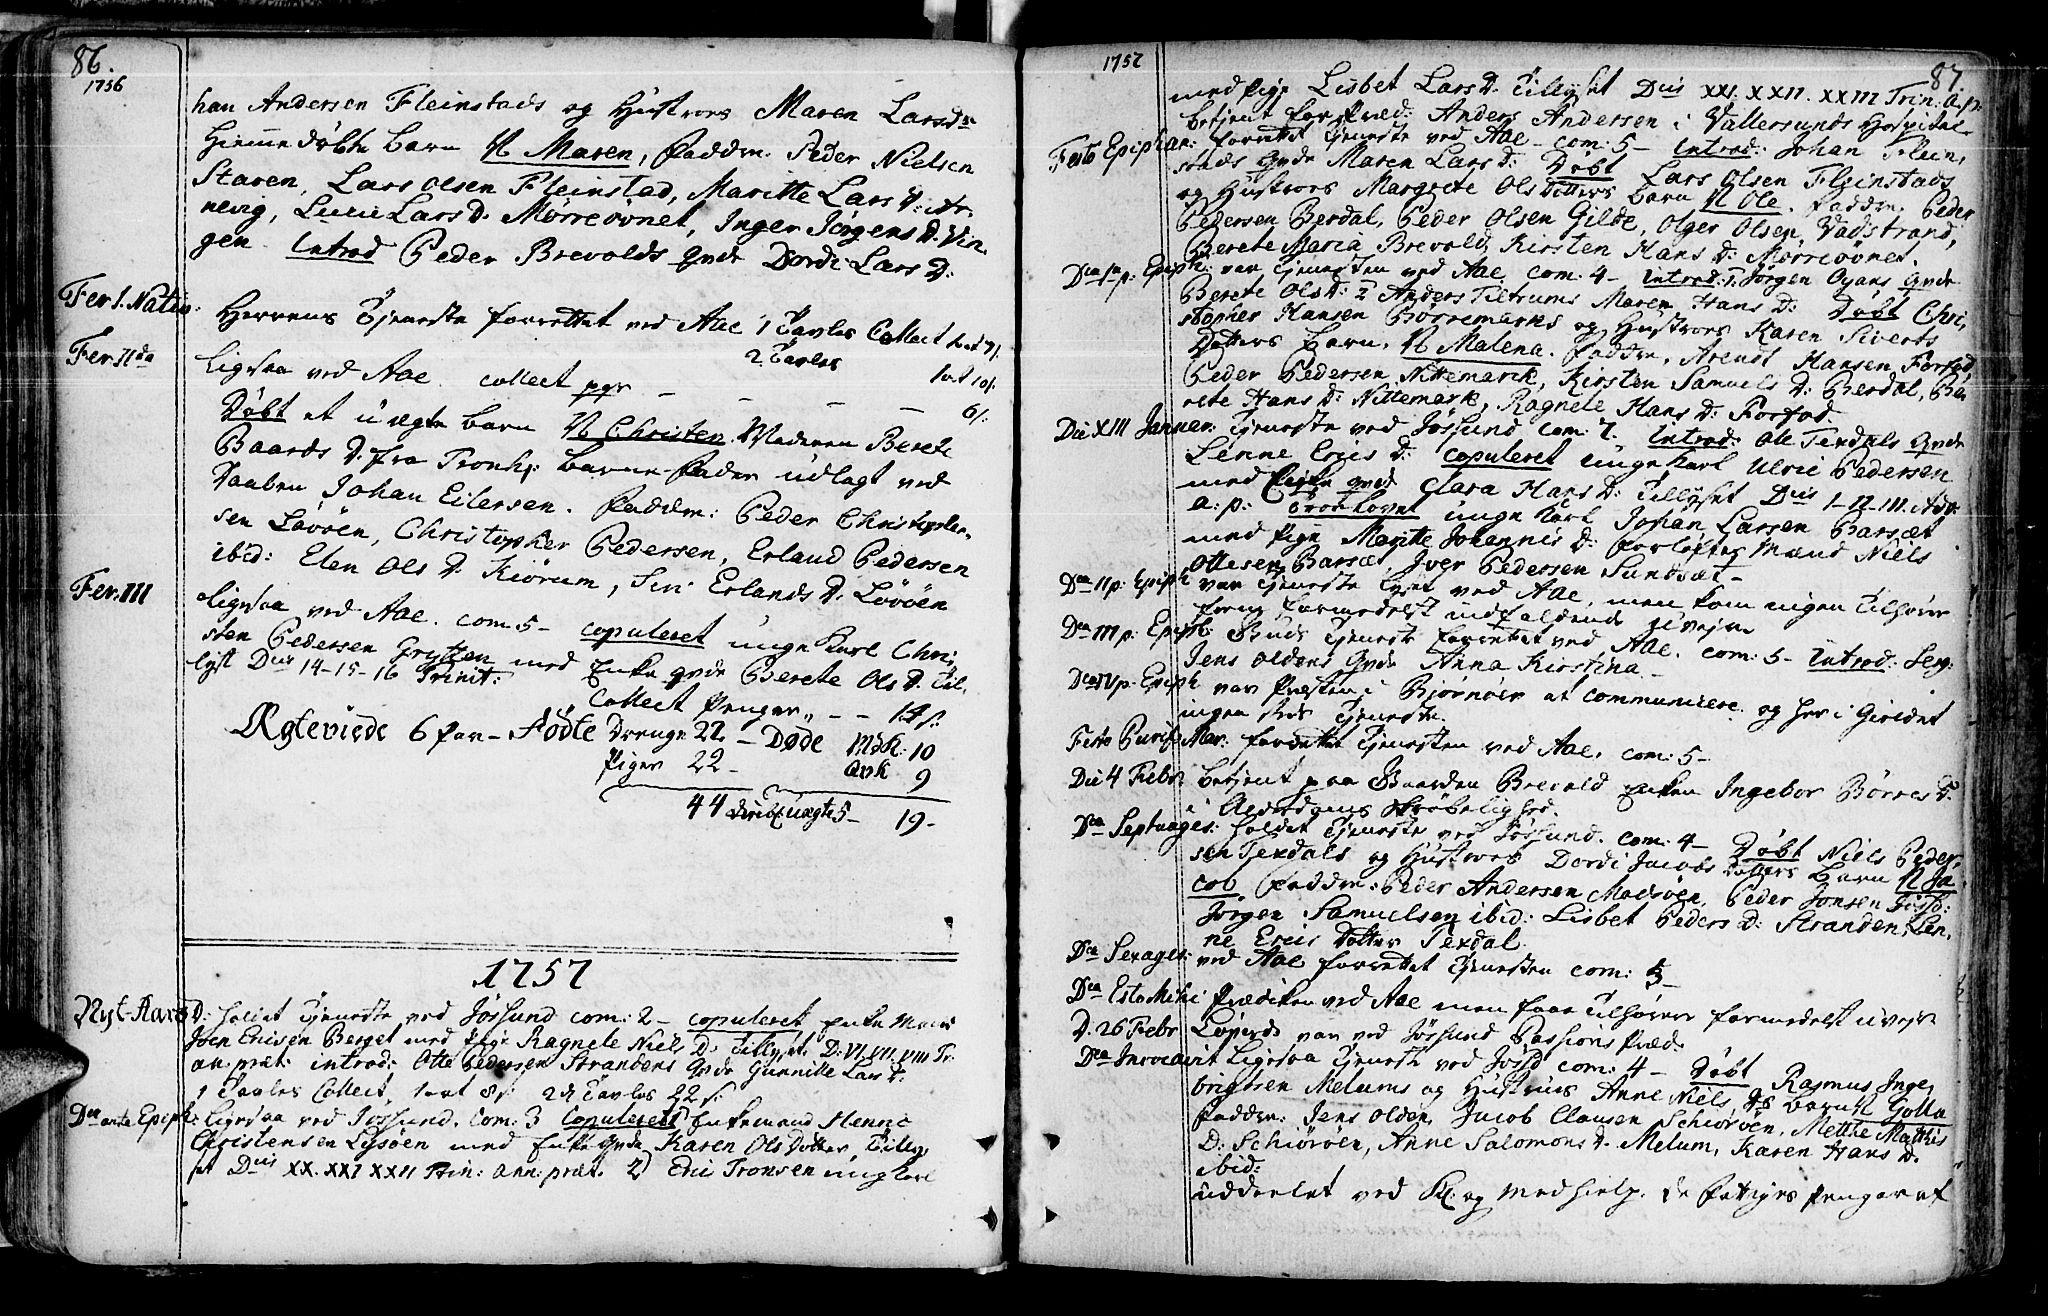 SAT, Ministerialprotokoller, klokkerbøker og fødselsregistre - Sør-Trøndelag, 655/L0672: Ministerialbok nr. 655A01, 1750-1779, s. 86-87